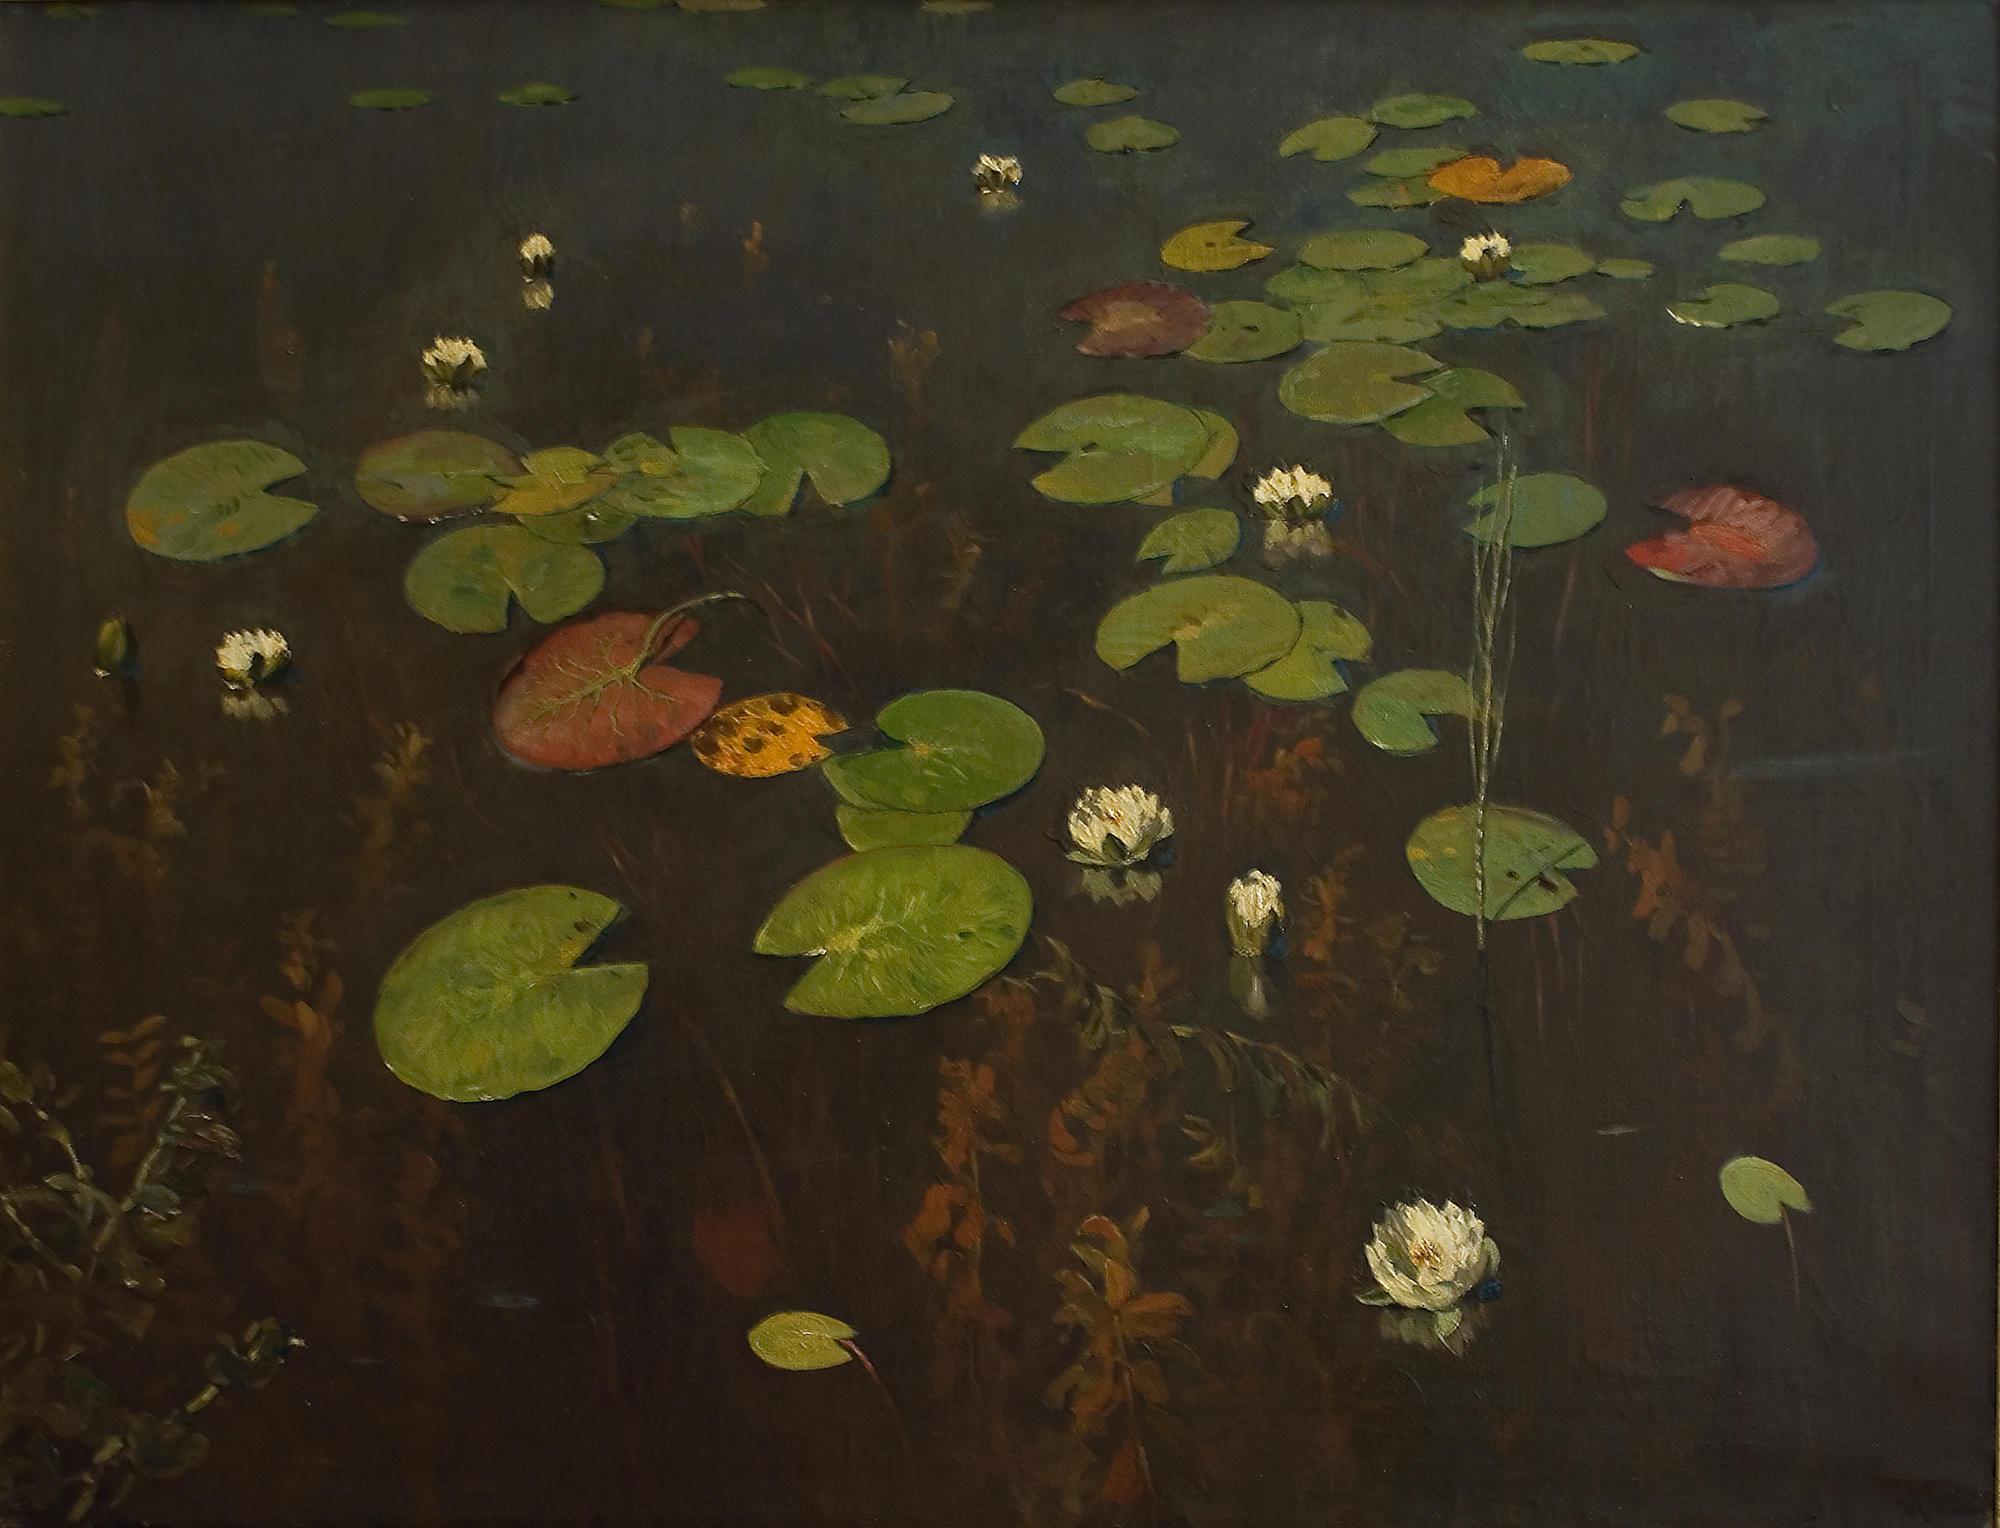 Исаак Левитан. «Ненюфары», 1890. Холст, масло, 95 х 128 см.Астраханская картинная галерея имени Догадина.